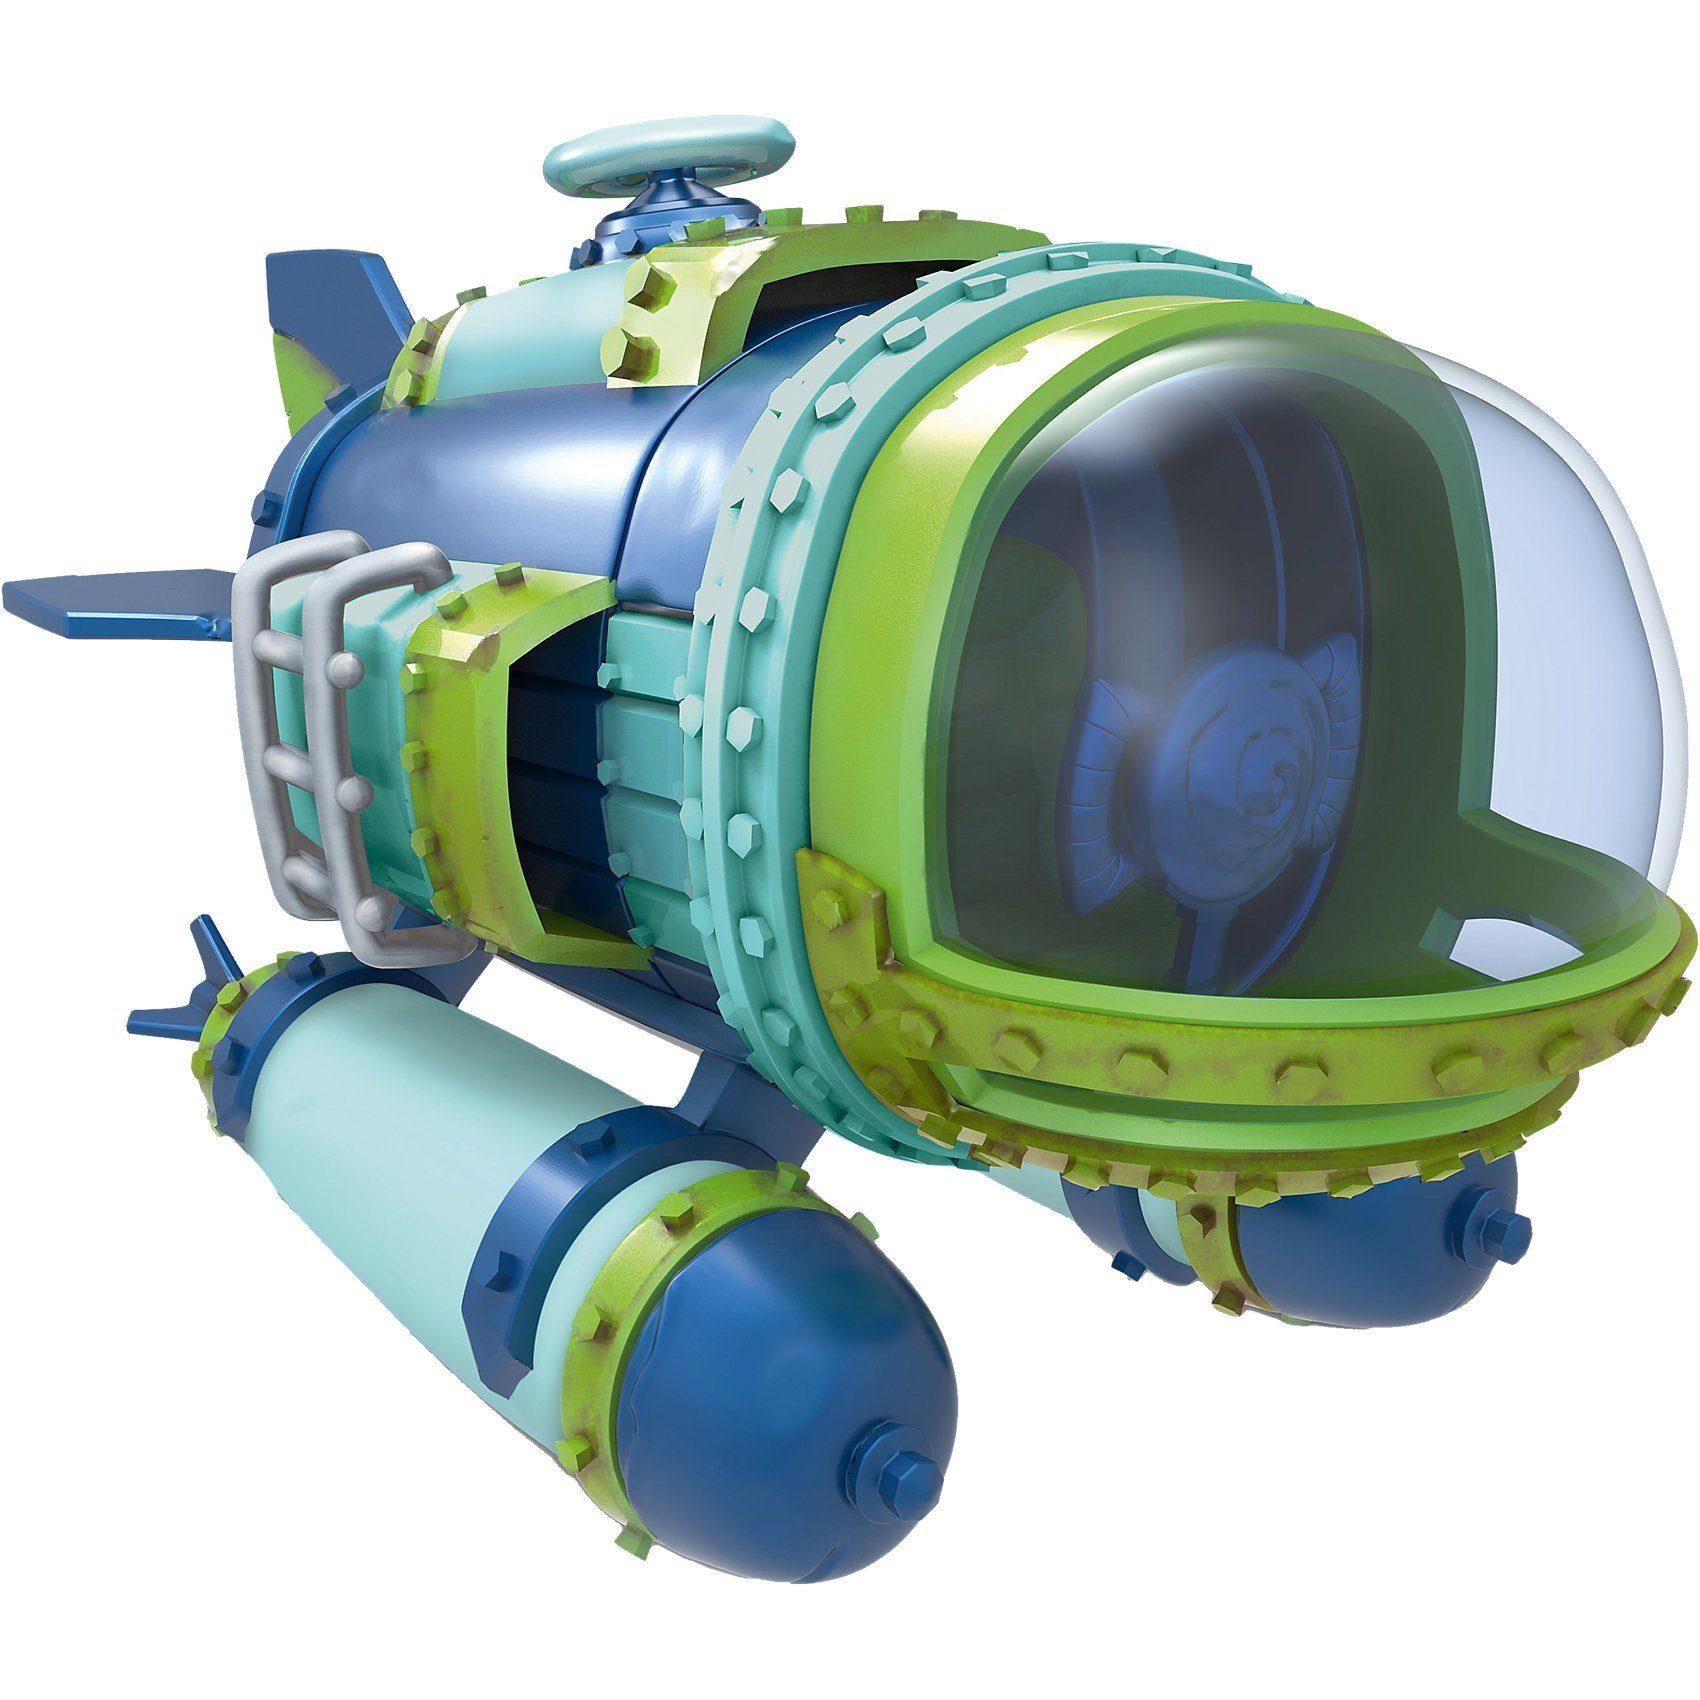 ACTIVISION BLIZZARD Skylanders Superchargers Fahrzeug - Dive Bomber